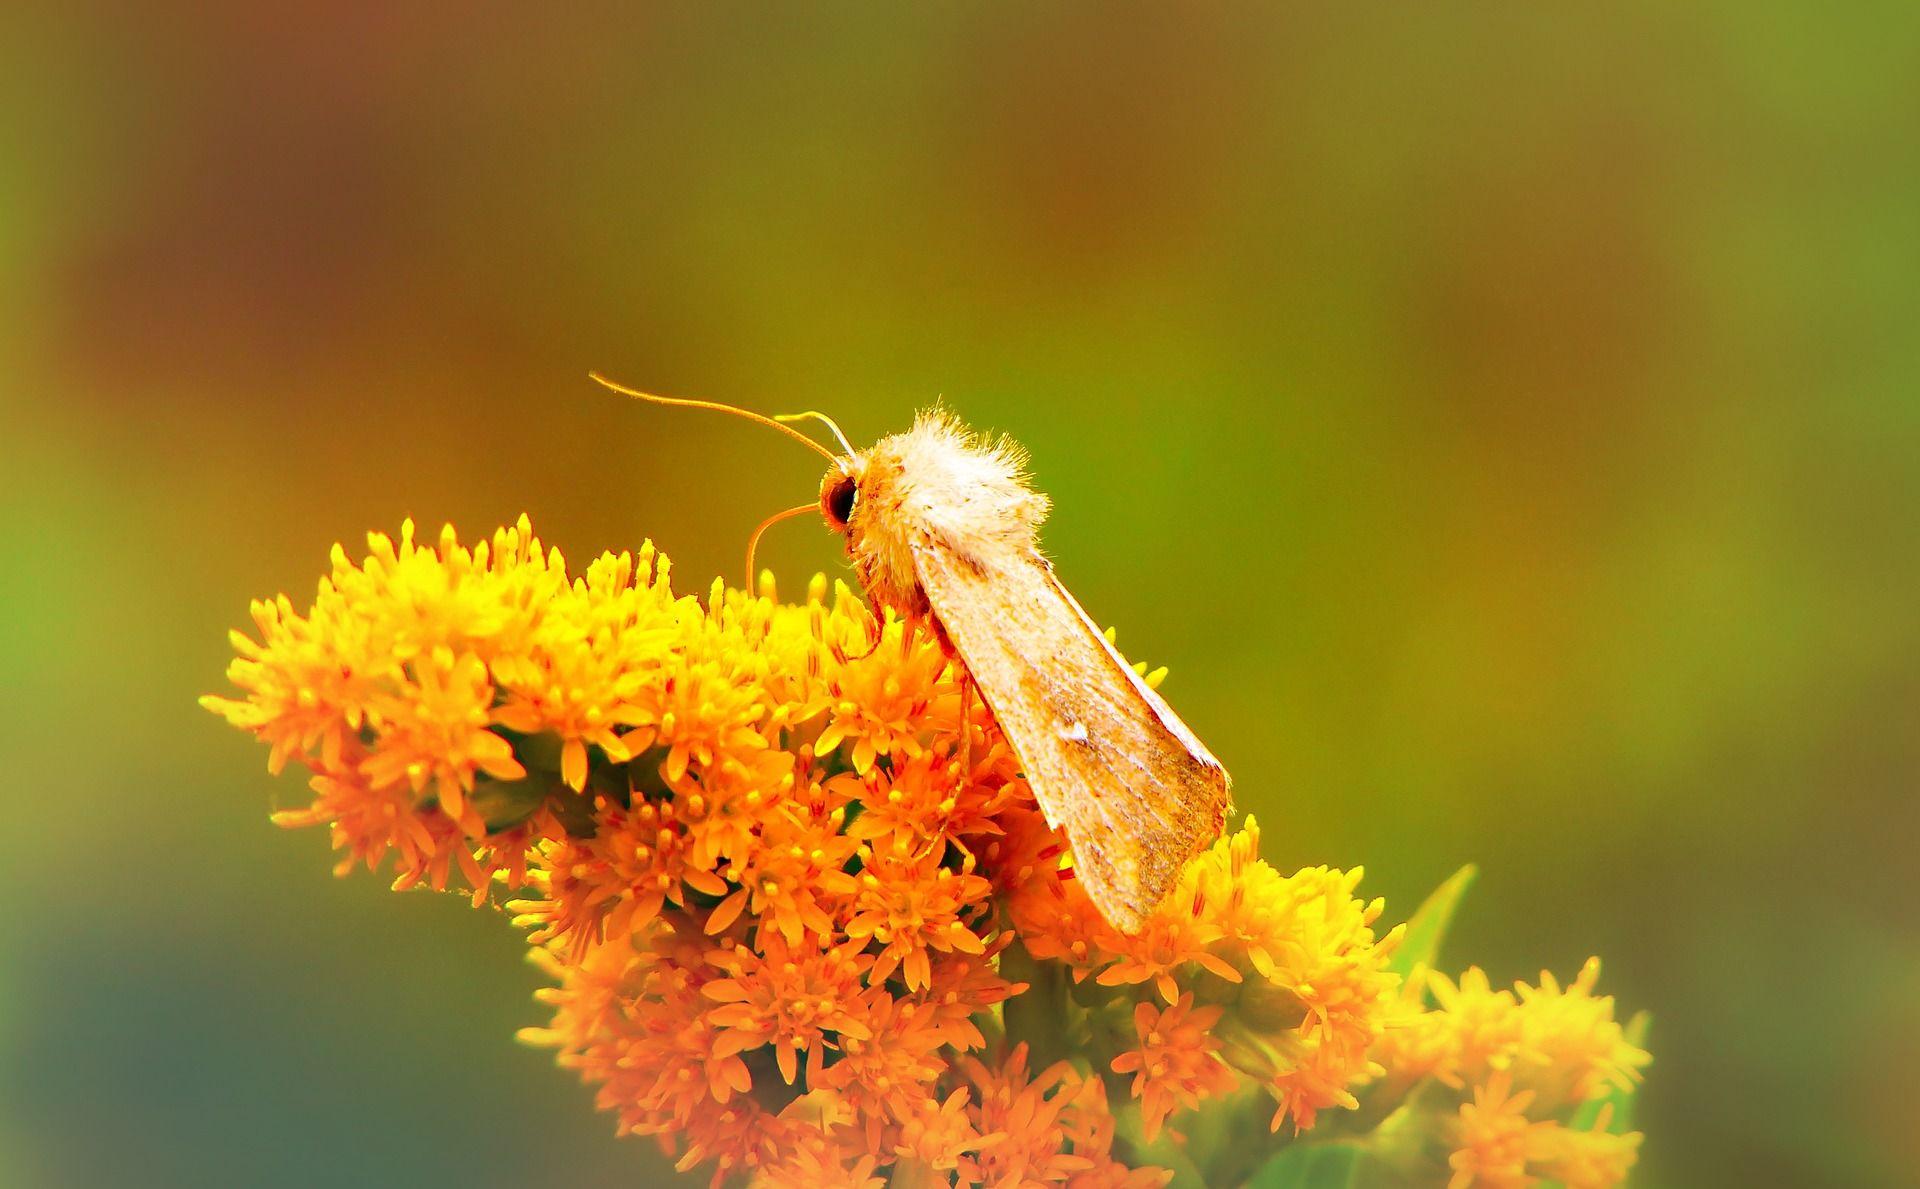 Скачать фото насекомого – ночной бабочки